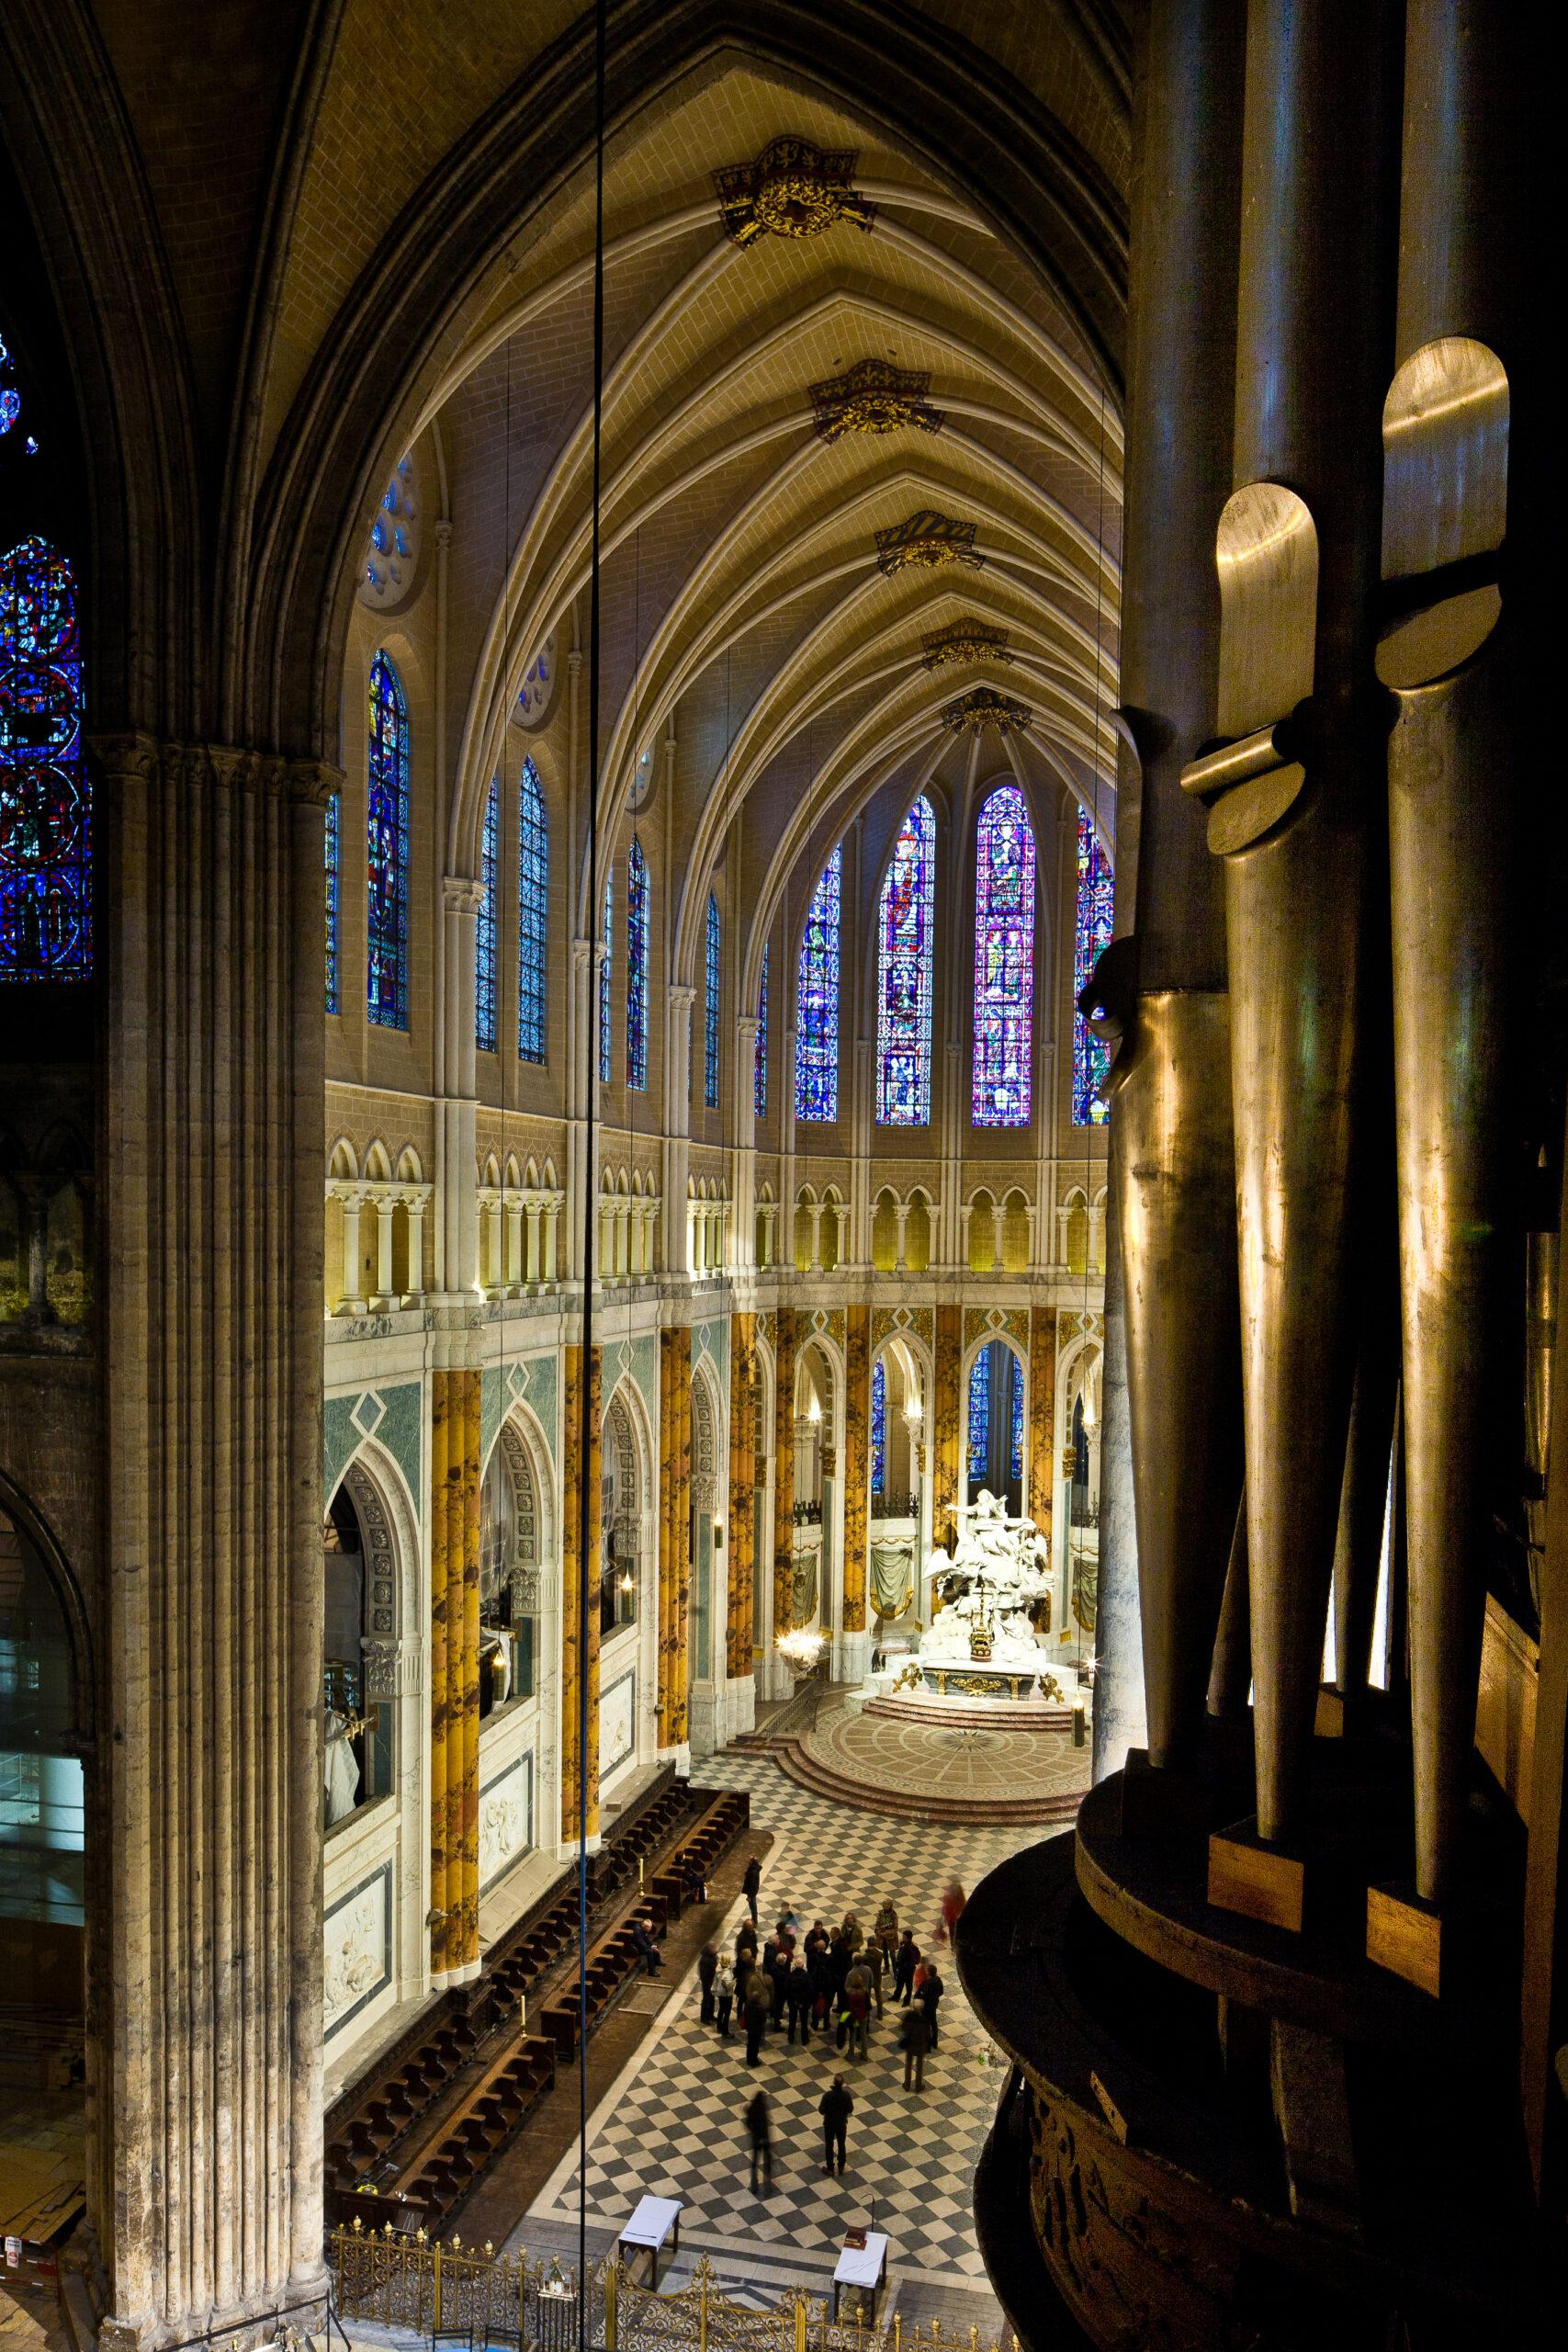 シャルトル大聖堂 アプス 祭壇